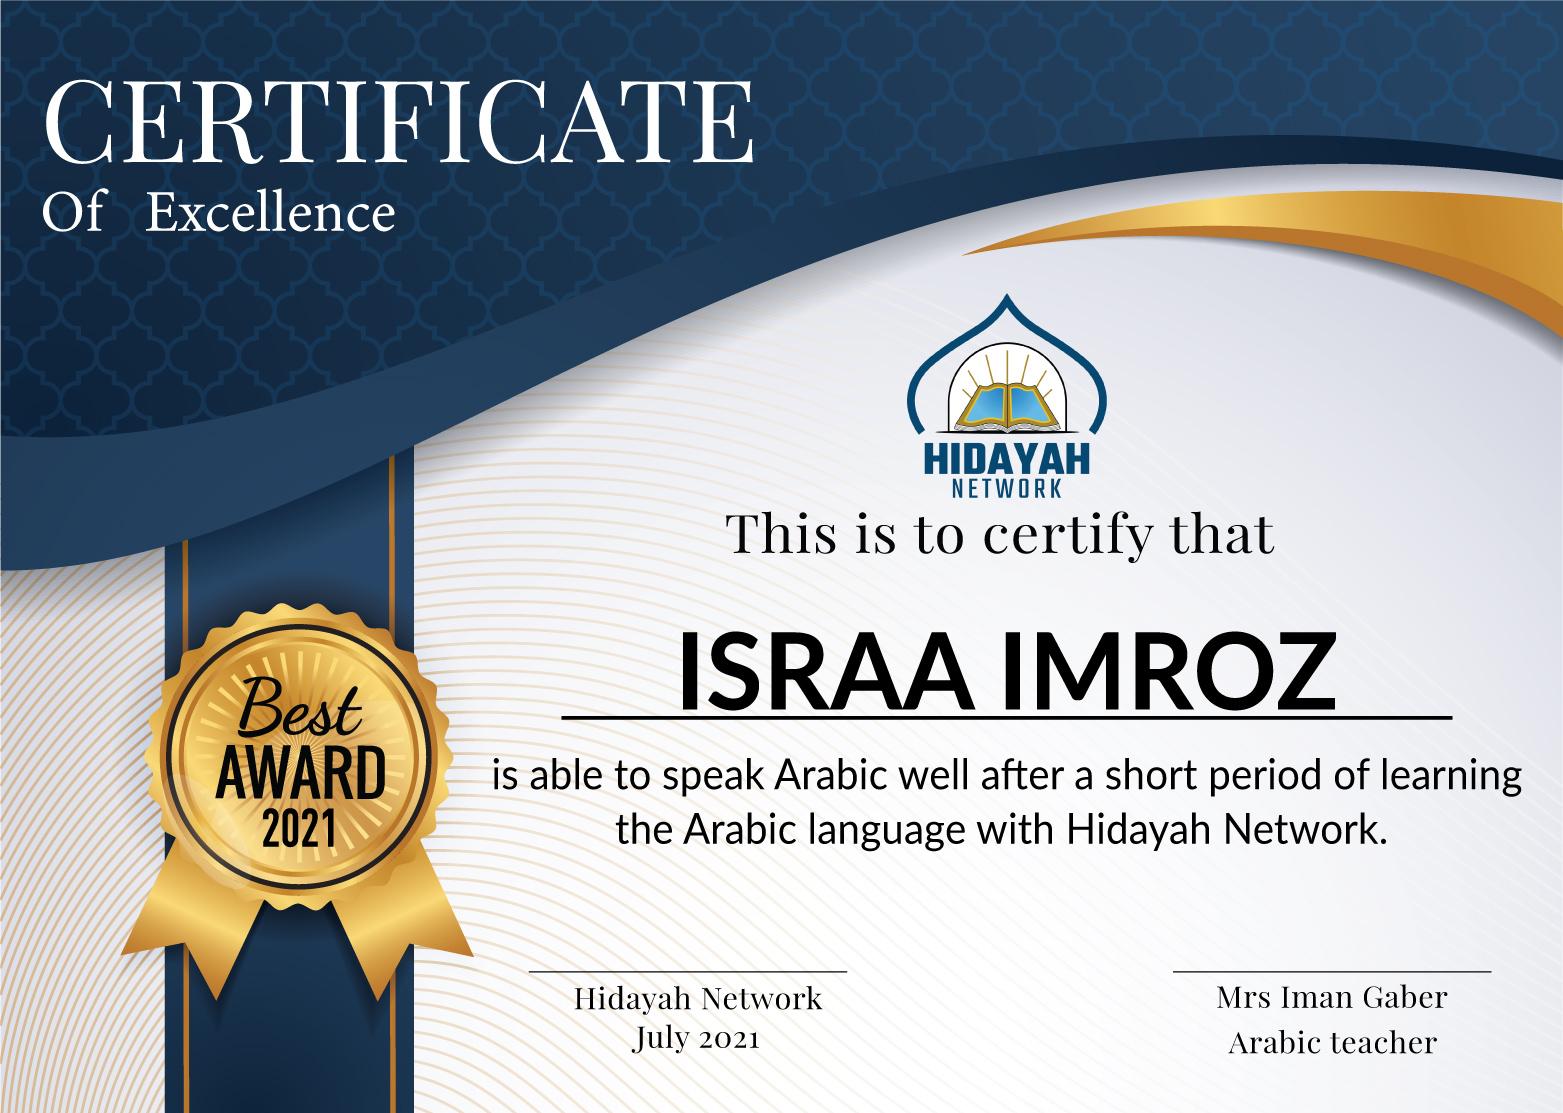 Israa-imroz